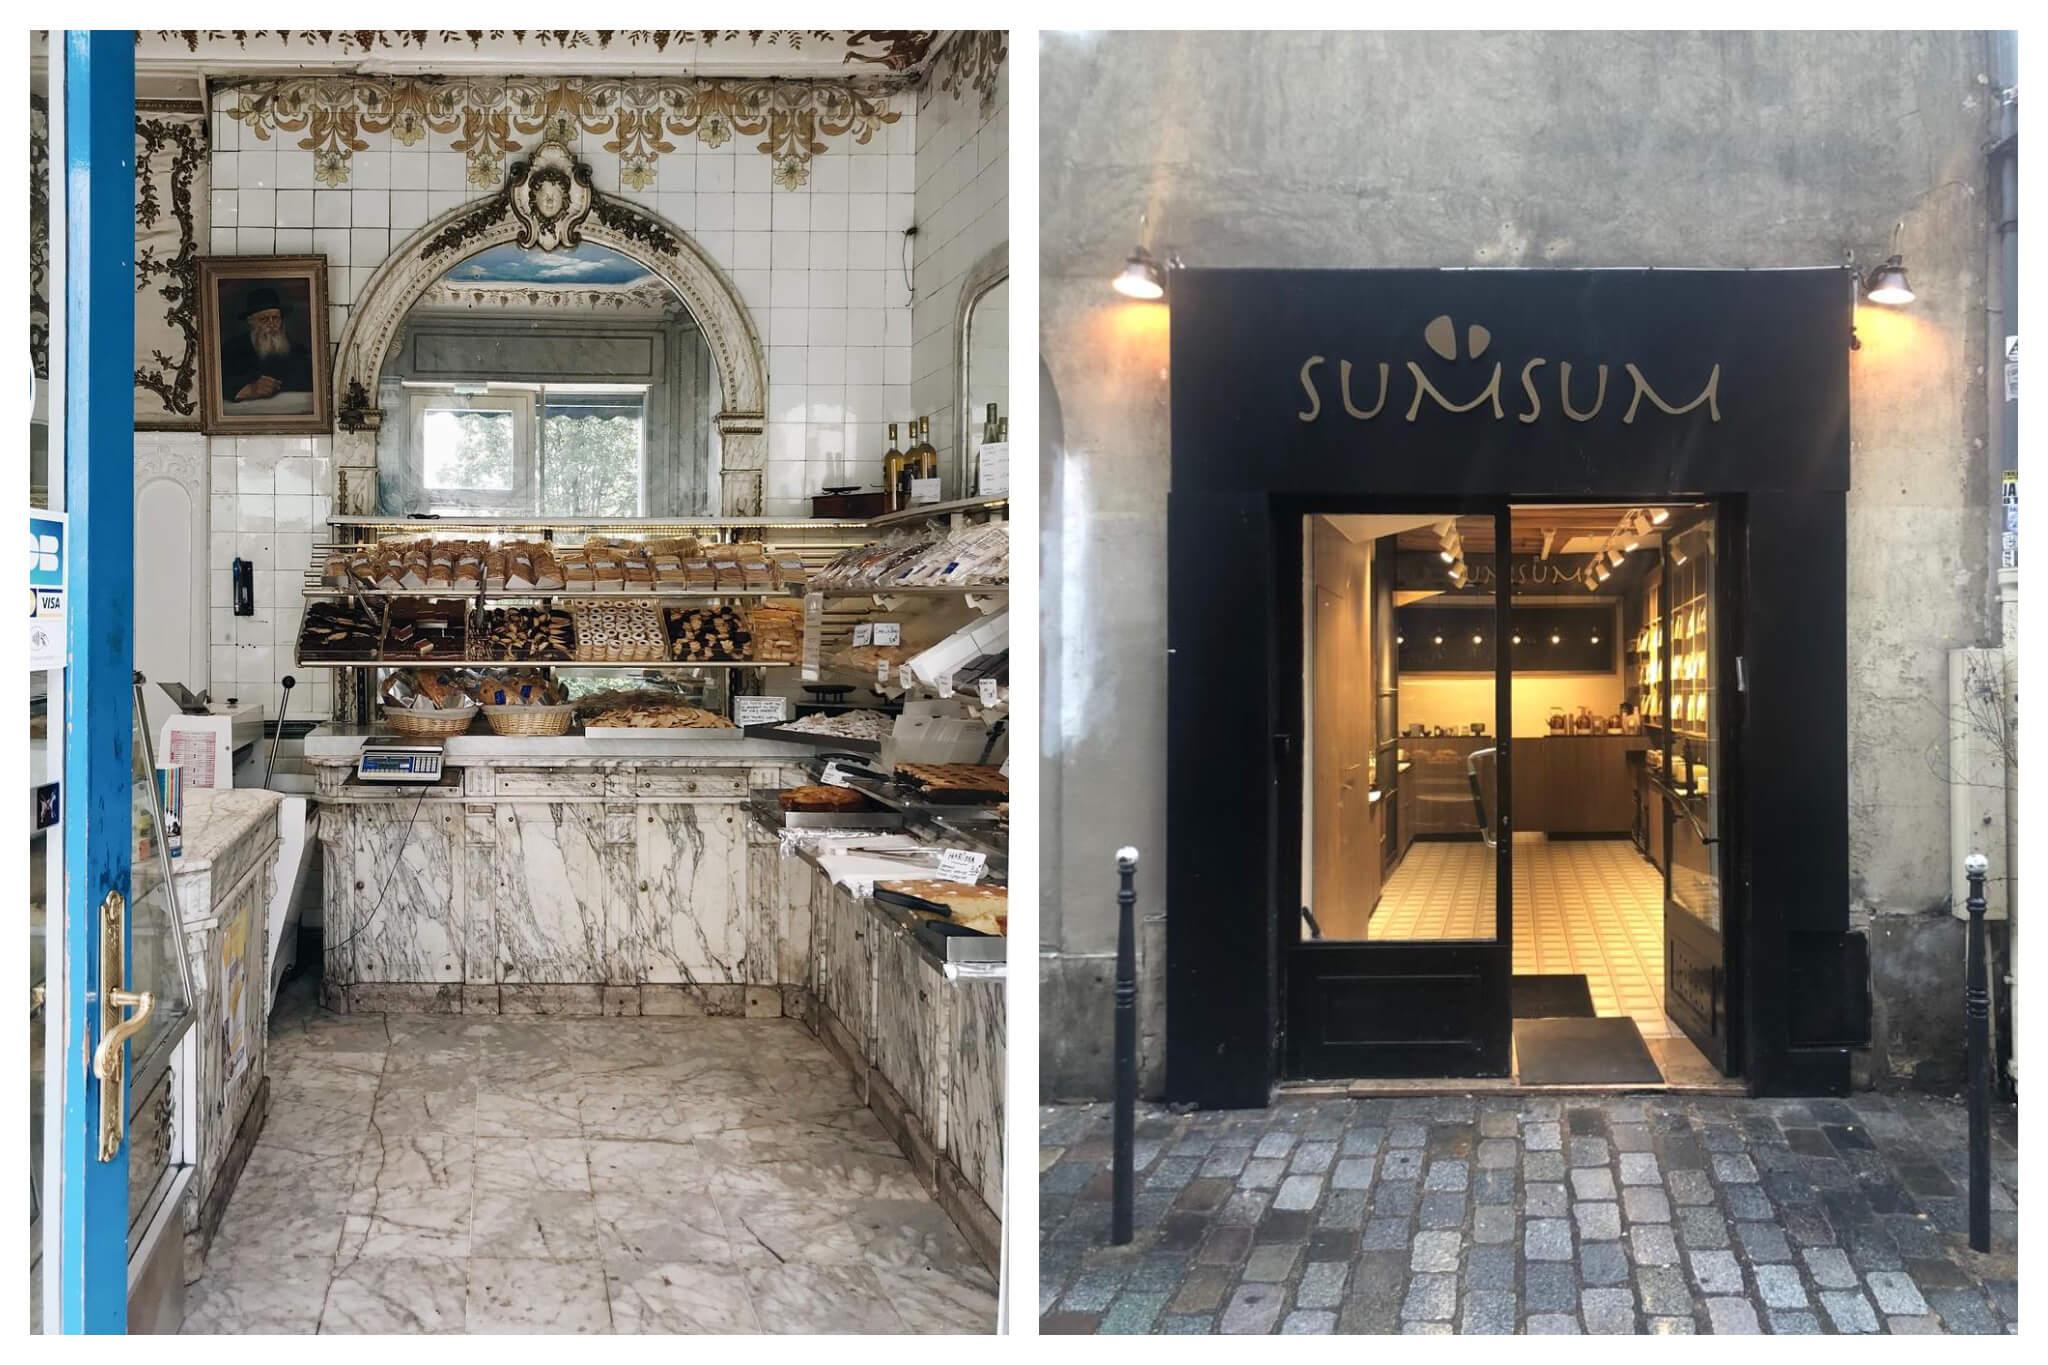 Left: The interior of Boulangerie Murciano in Paris. Right: The exterior of SumSum in Paris.